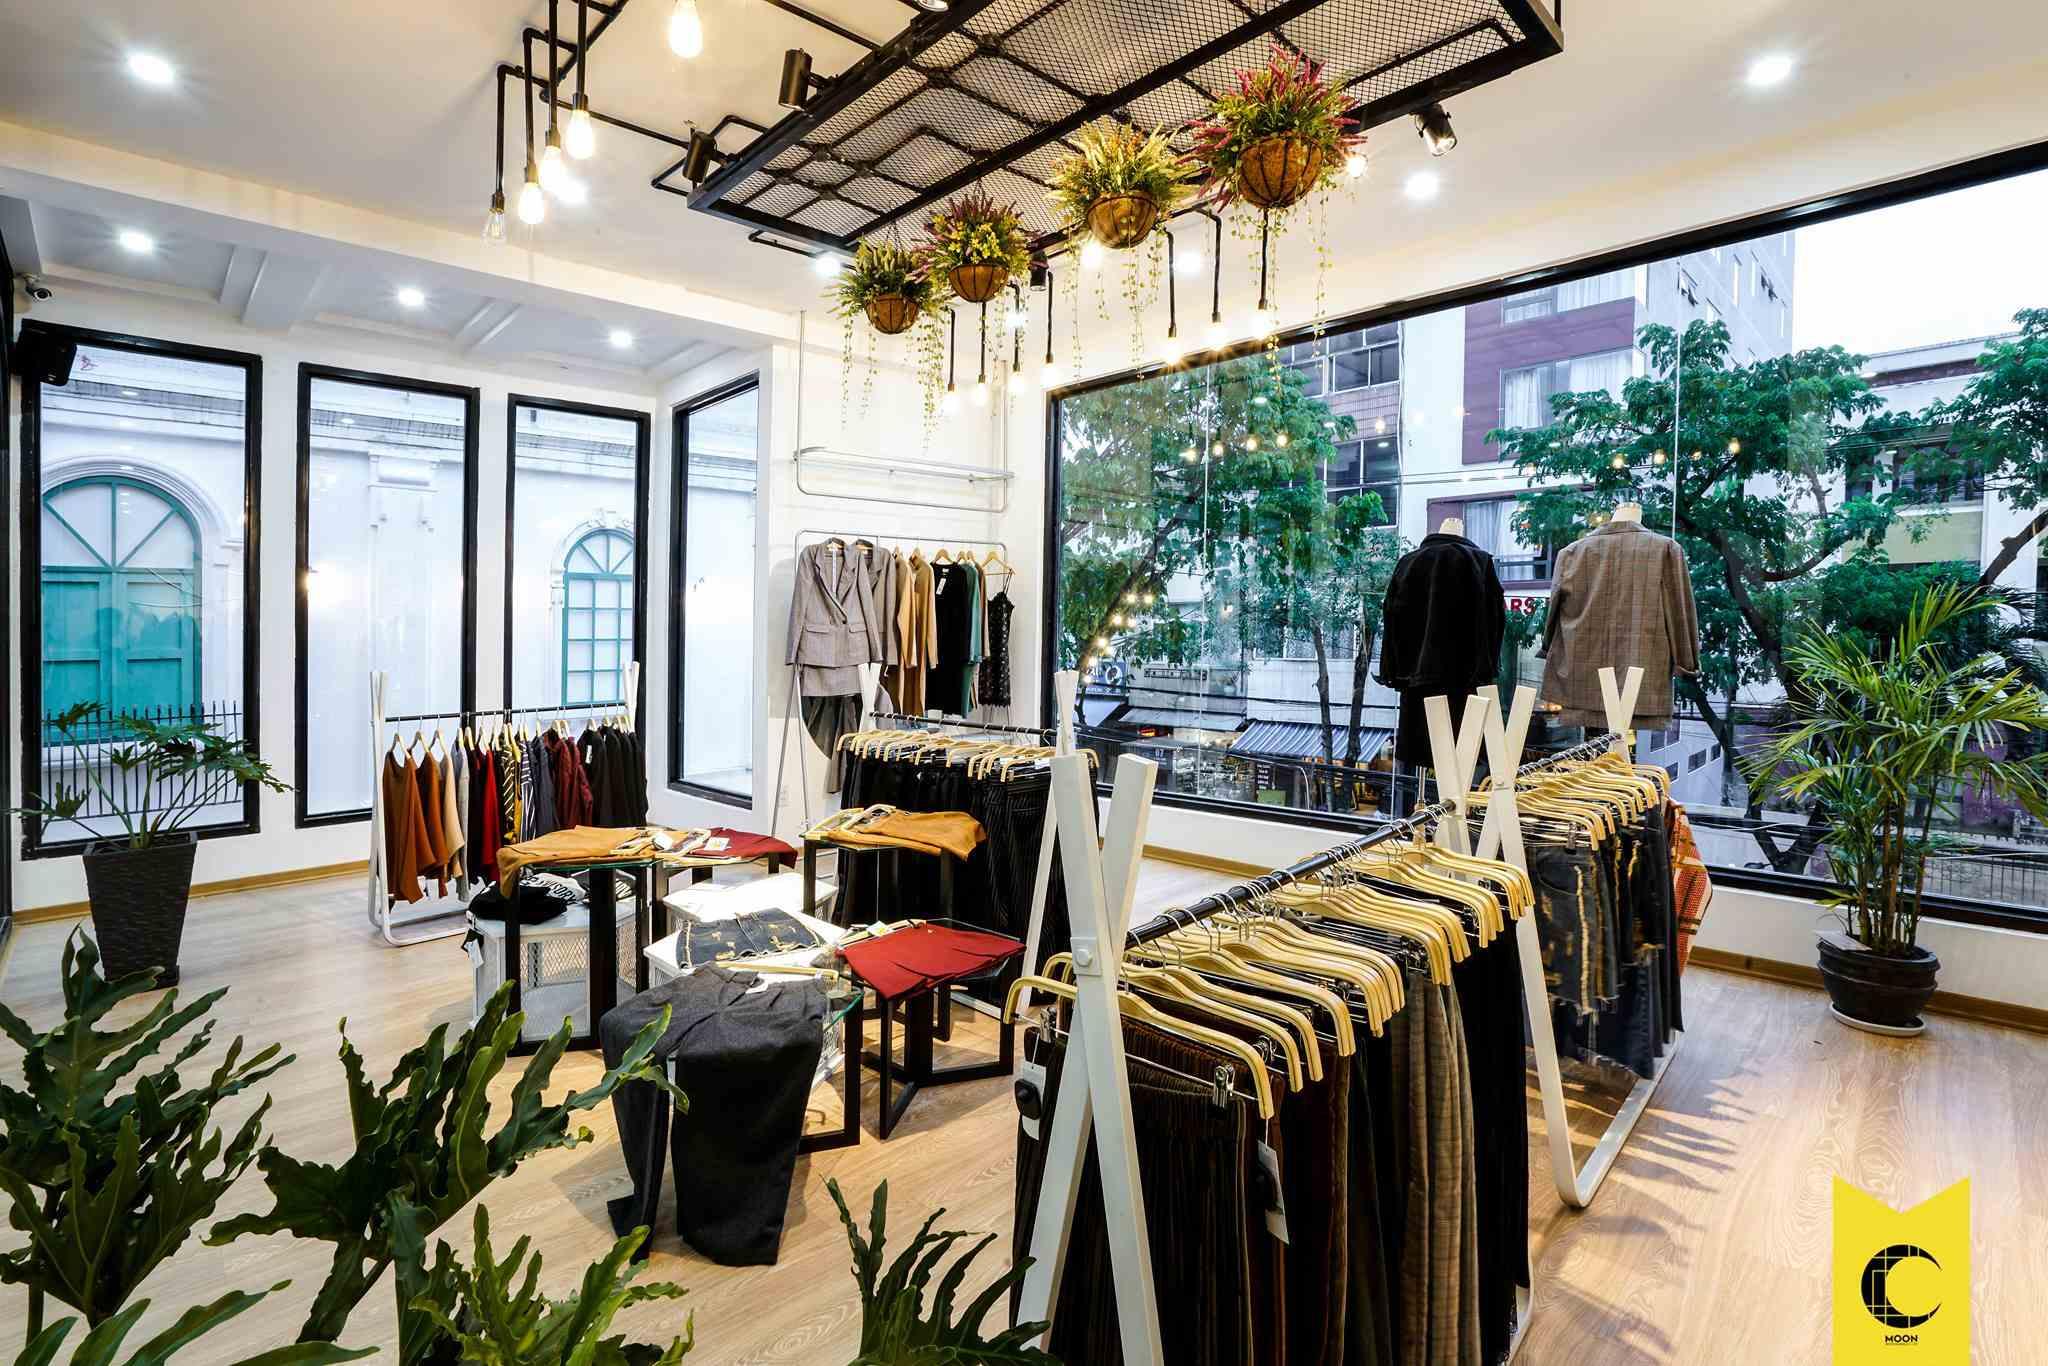 Tư vấn thiết kế shop thời trang tại TP Vinh, Nghệ An, Hà Tĩnh